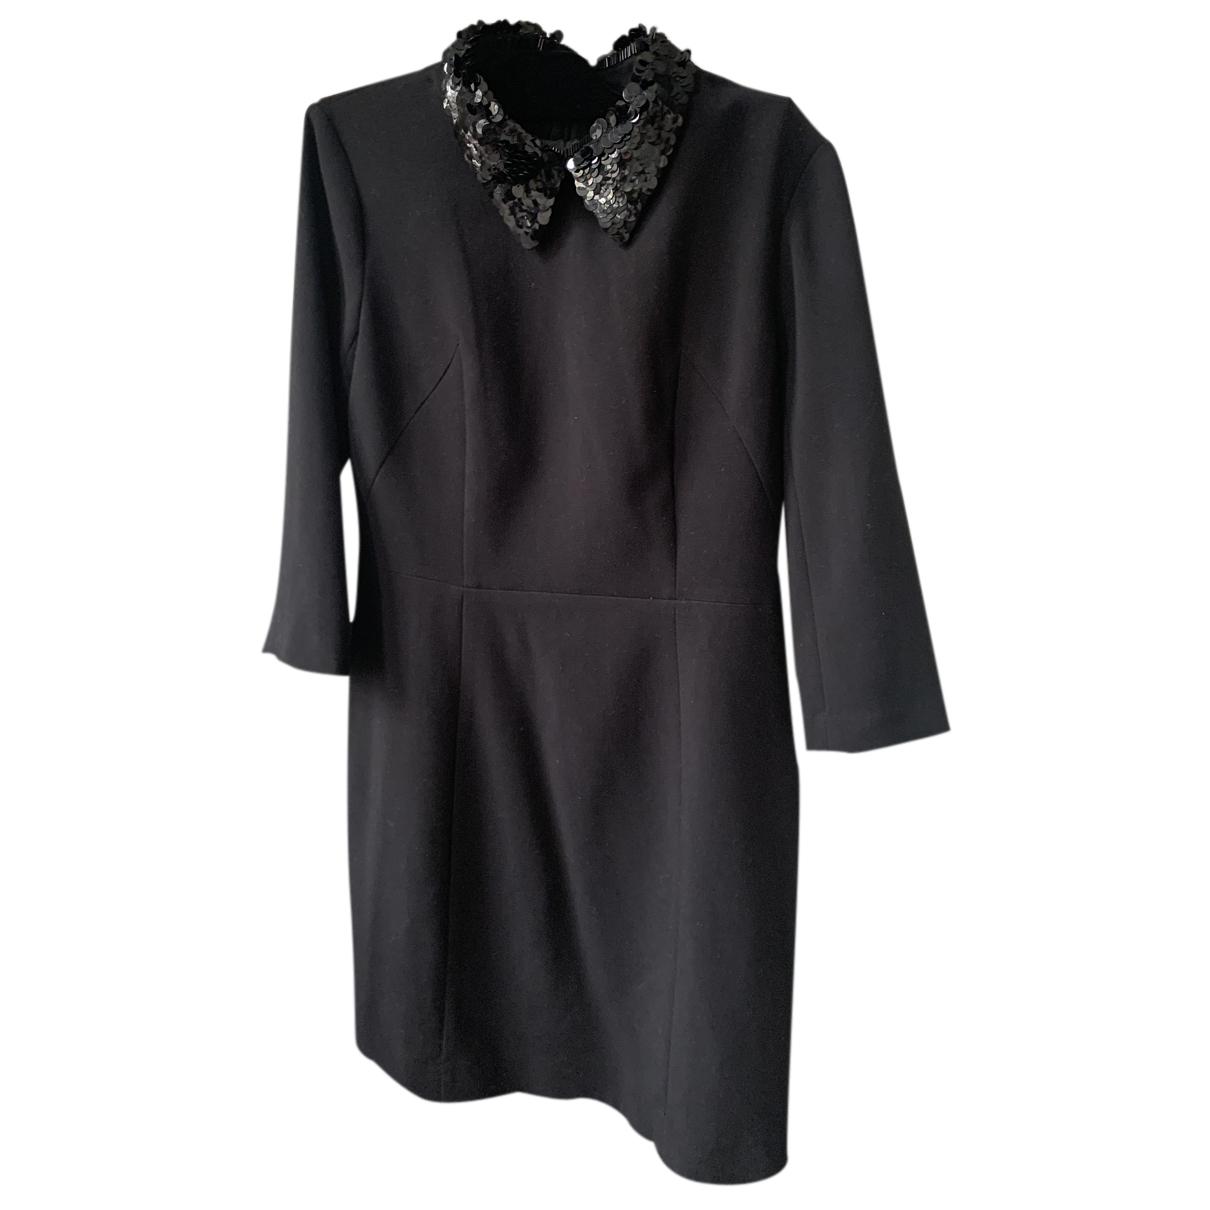 Sandro N Black dress for Women 38 FR